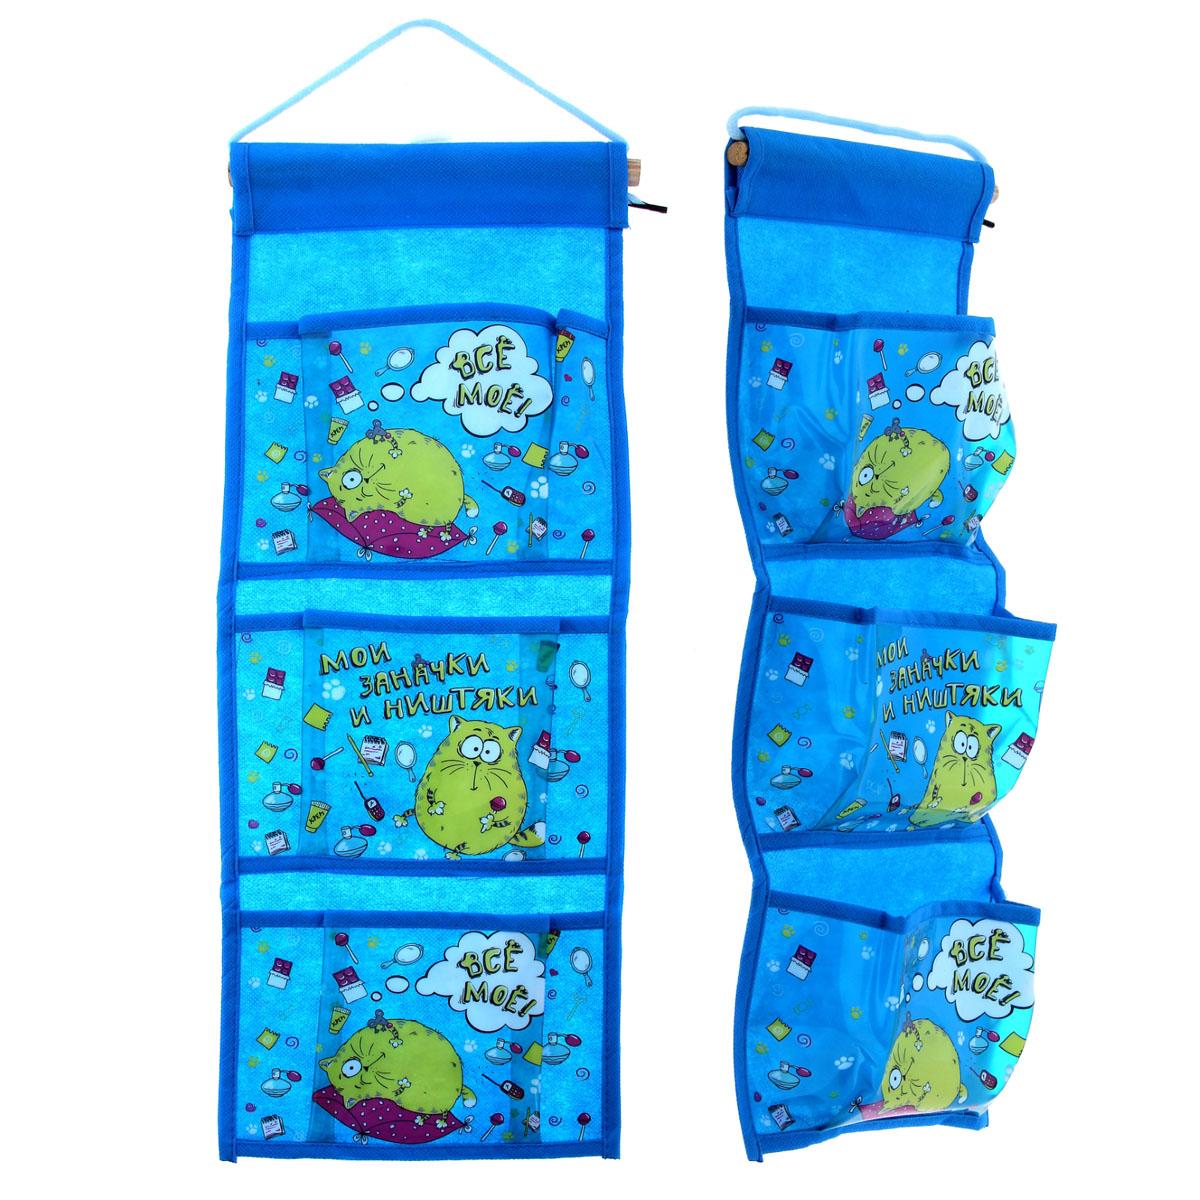 Кармашки на стену Sima-land Мои заначки и ништяки, цвет: голубой, желтый, бордовый, 3 штRG-D31SКармашки на стену Sima-land «Мои заначки и ништяки», изготовленные из текстиля и пластика, предназначены для хранения необходимых вещей, множества мелочей в гардеробной, ванной, детской комнатах. Изделие представляет собой текстильное полотно с тремя пришитыми кармашками. Благодаря деревянной планке и шнурку, кармашки можно подвесить на стену или дверь в необходимом для вас месте. Кармашки декорированы изображениями забавного кота, косметики, телефона и надписью «Мои заначки и ништяки».Этот нужный предмет может стать одновременно и декоративным элементом комнаты. Яркий дизайн, как ничто иное, способен оживить интерьер вашего дома.Размер: 51 см х 16,5 см х 0,1 см.